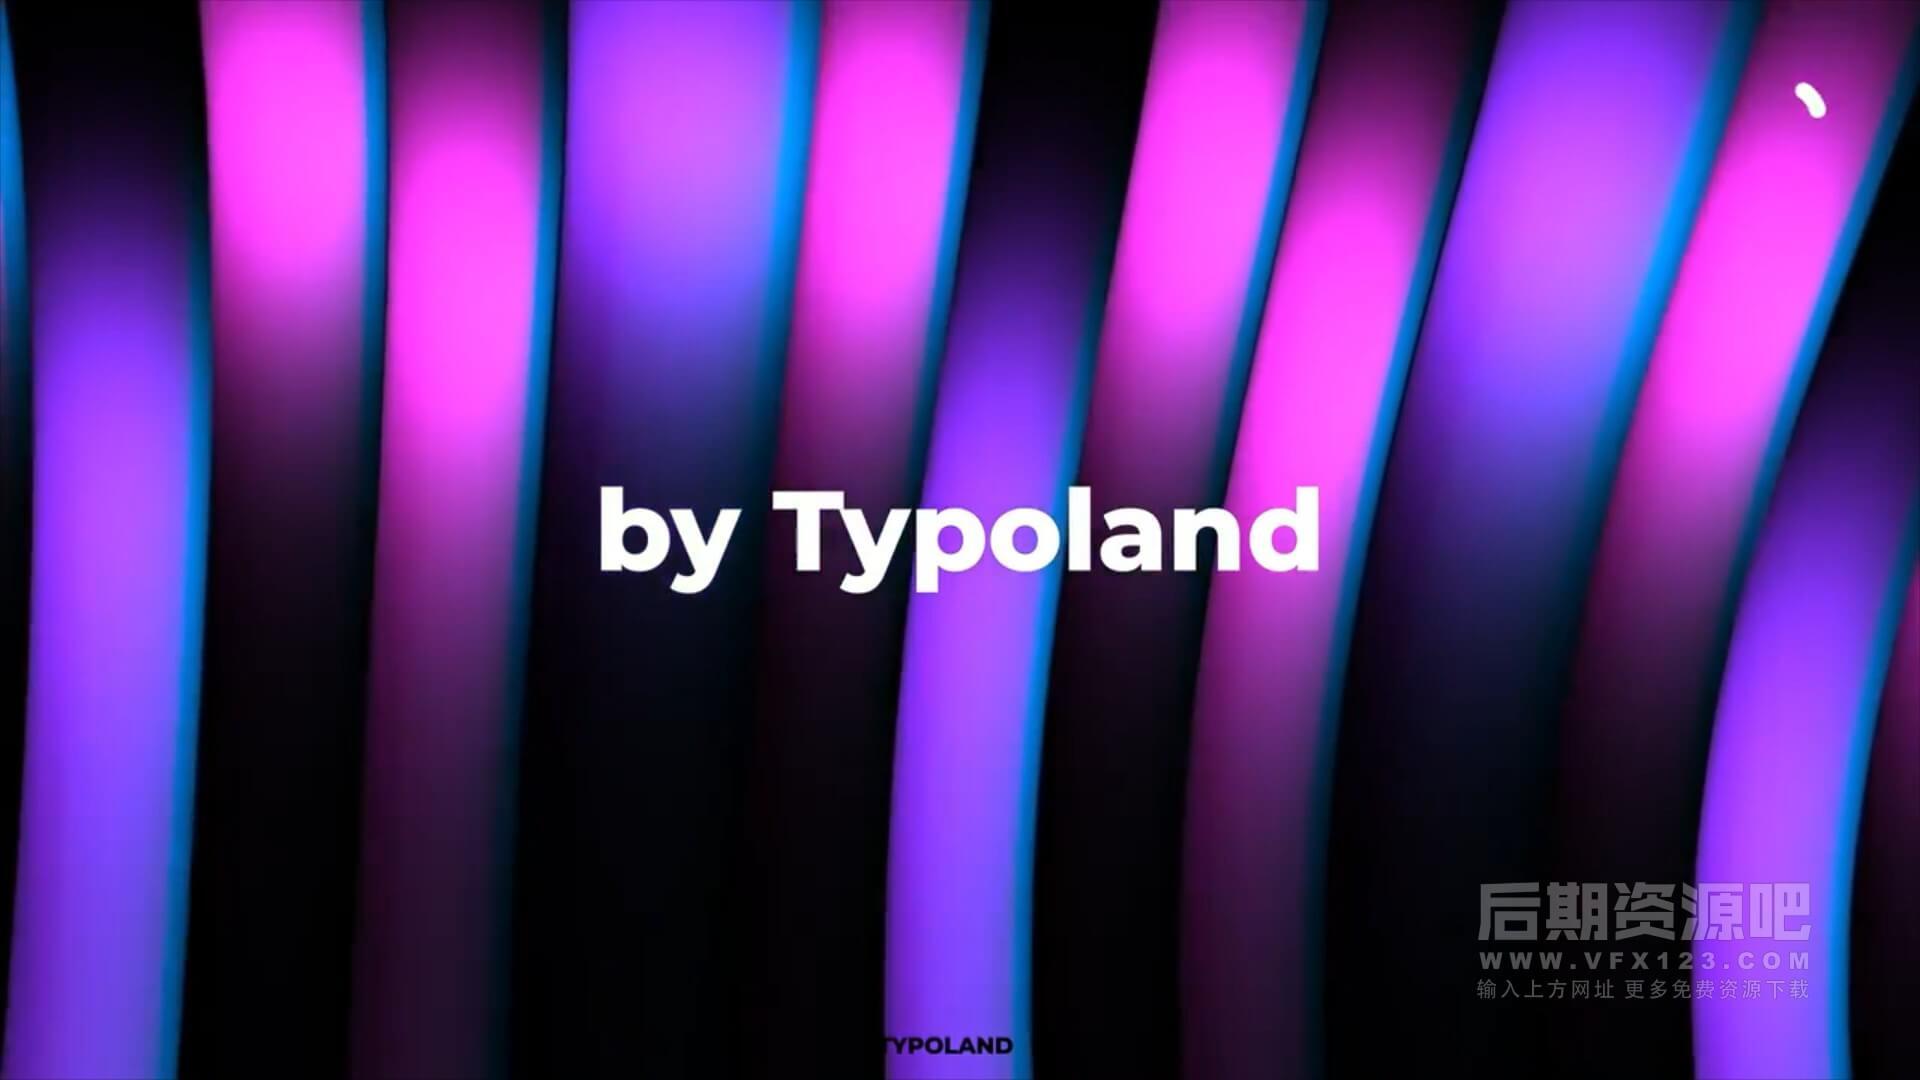 fcpx插件 4K绚丽动态背景制作工具 可自定义颜色 4k backgrounds